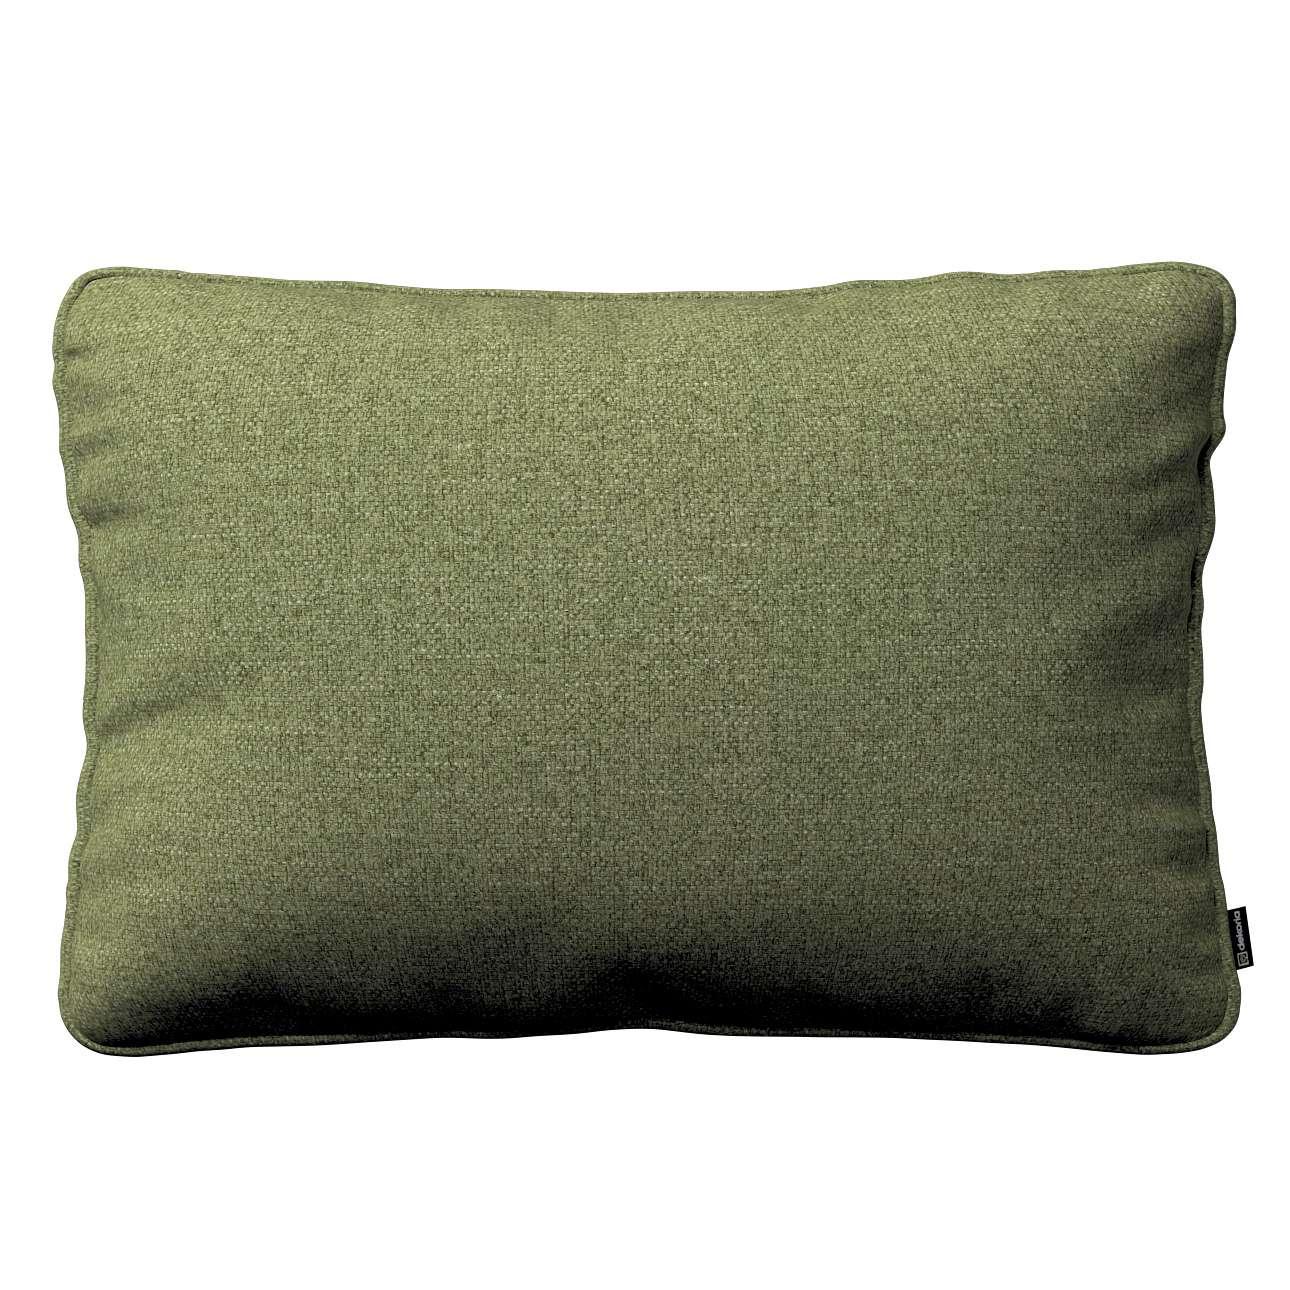 Poszewka Gabi na poduszkę prostokątna w kolekcji Madrid, tkanina: 161-22